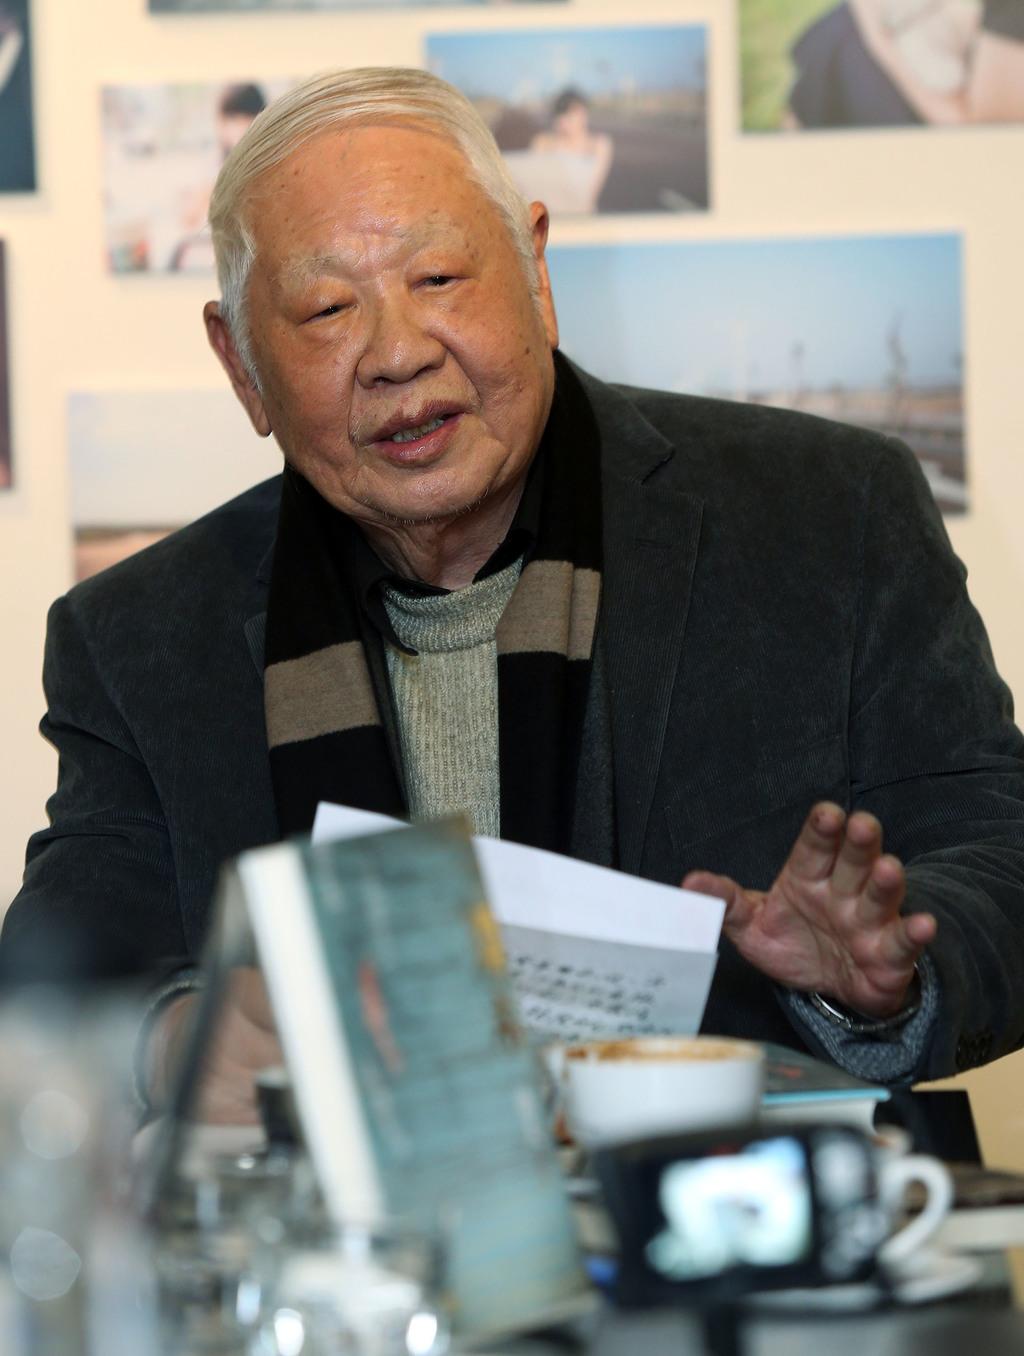 聯合文學22日發表詩人洛夫作品「漂木」精裝典藏版。旅居加拿大、高齡86歲的洛夫,對台灣現代詩發展影響深遠,「漂木」長達3000行,氣勢磅礡